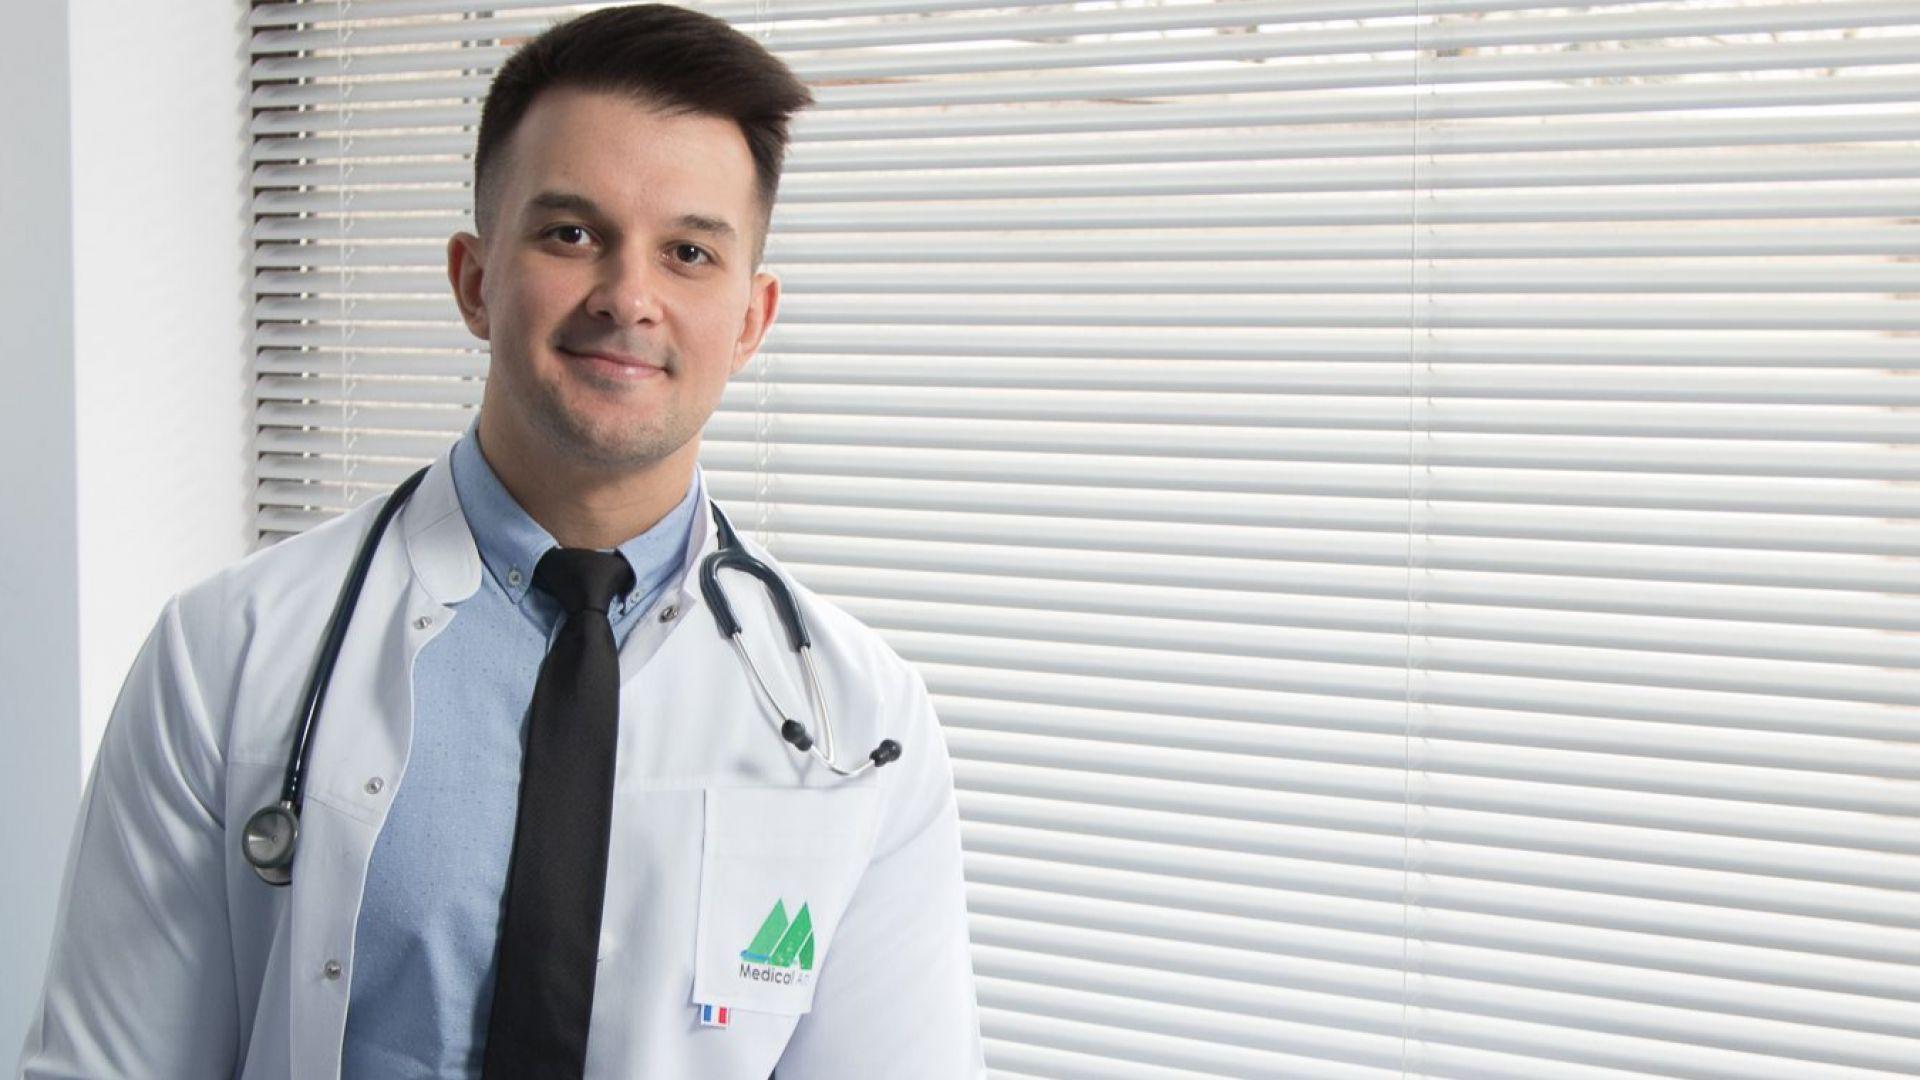 Д-р Явор Асьов: Диабетът е коварен, може да няма симптоми с години